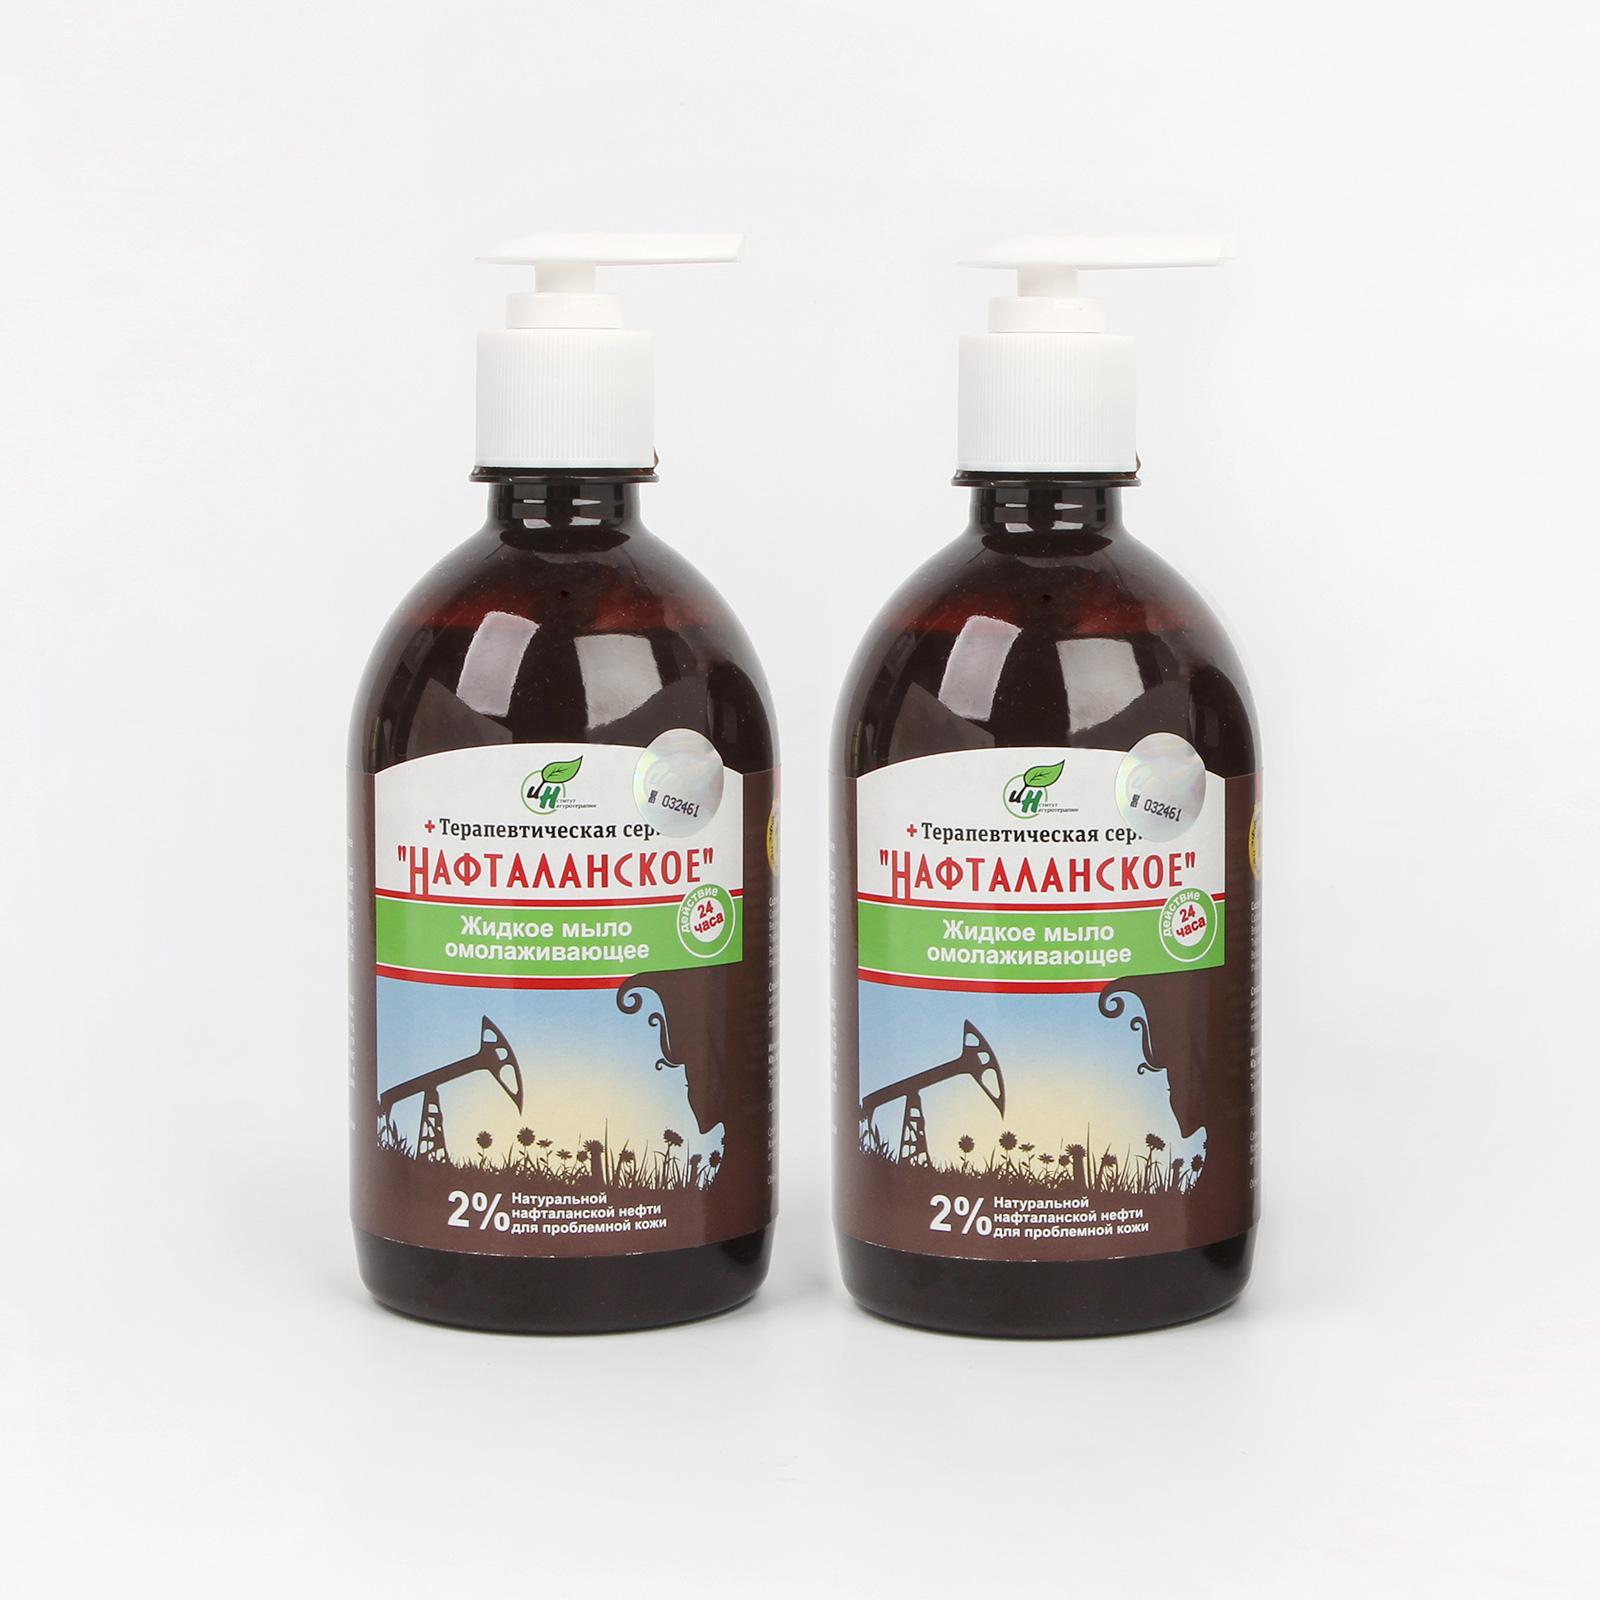 Жидкое мыло «Нафталанское» для сухой кожи